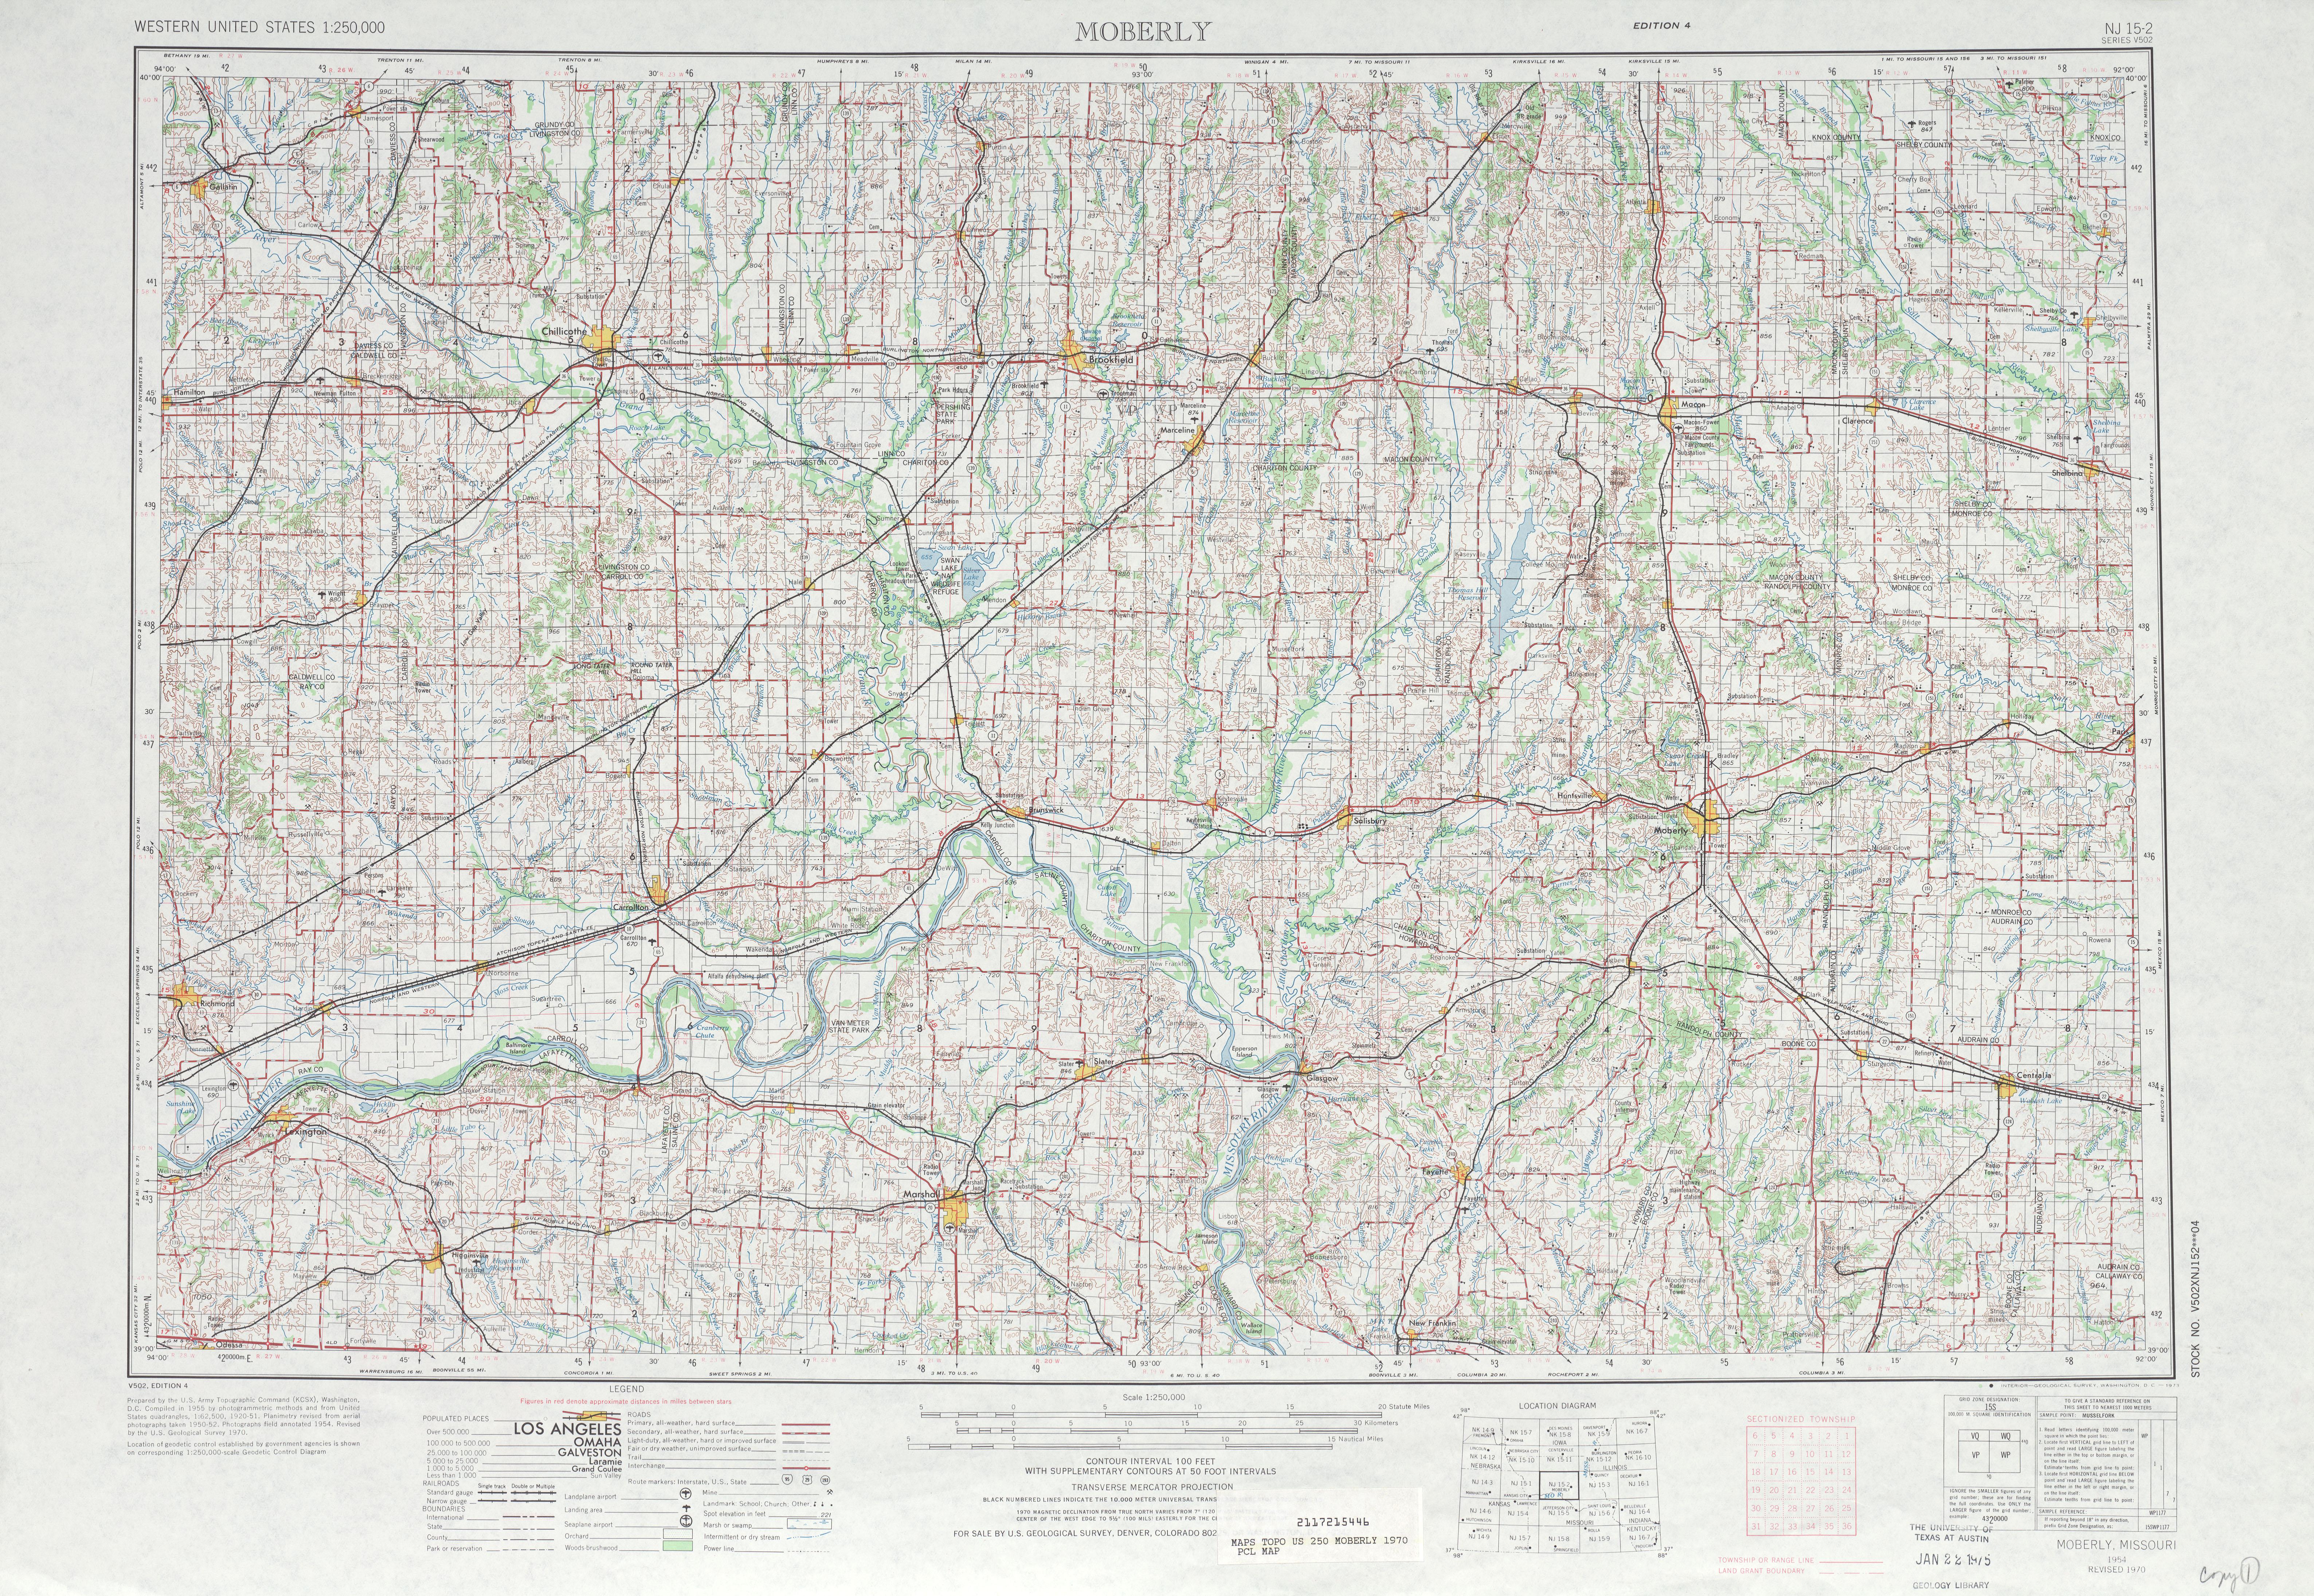 Hoja Moberly del Mapa Topográfico de los Estados Unidos 1970